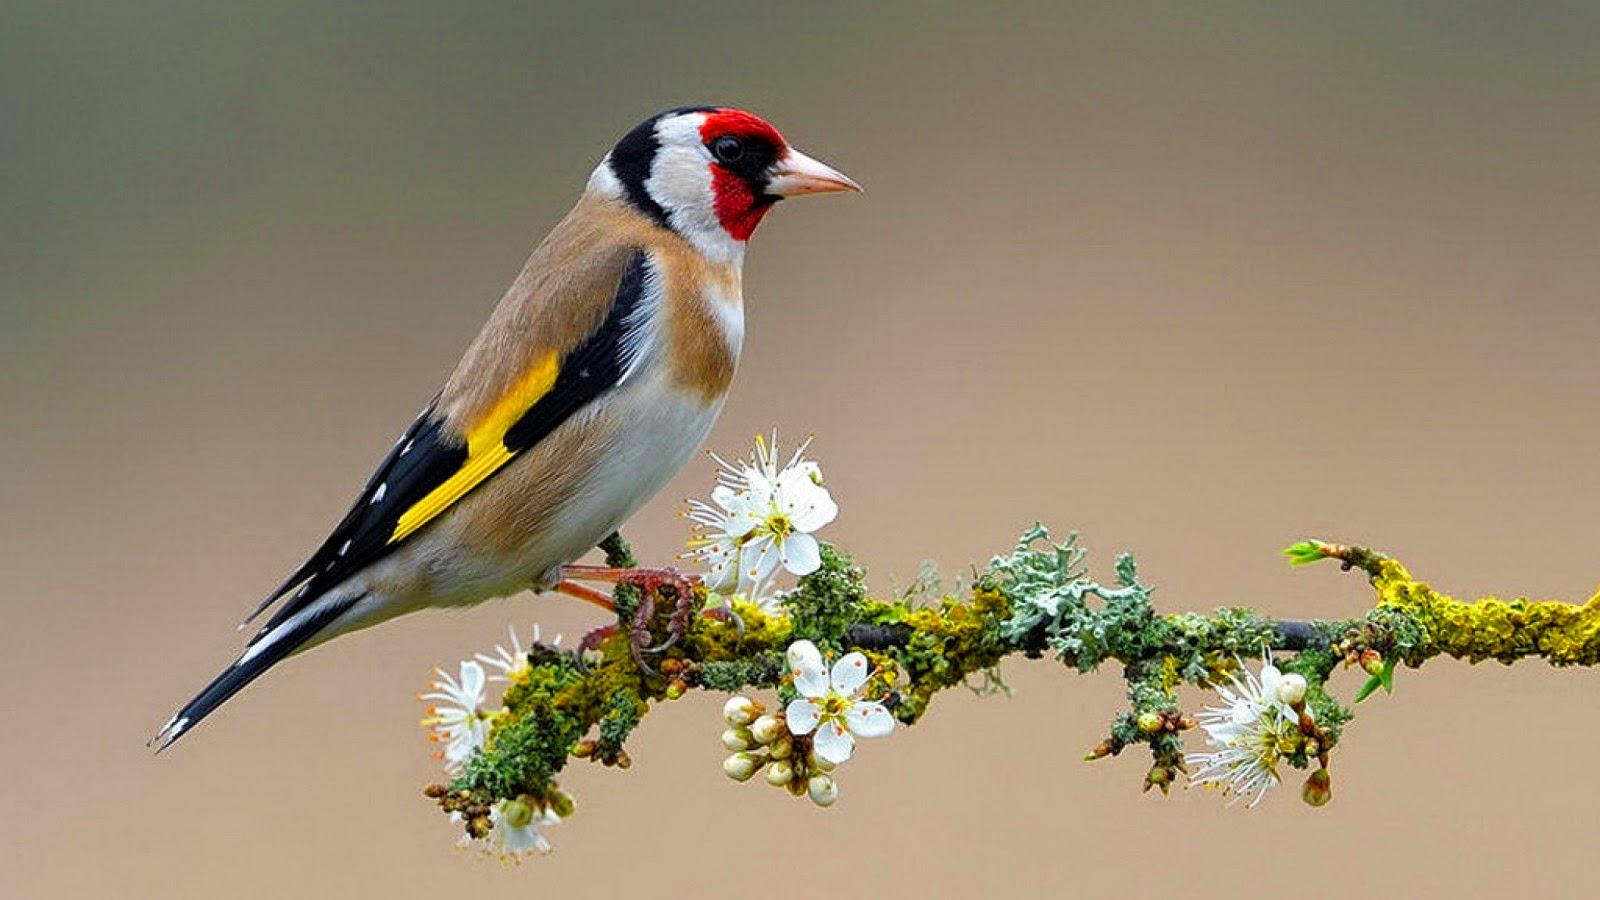 Beautiful birds hd wallpapers desktop wallpaper backgrounds for Bird wallpaper